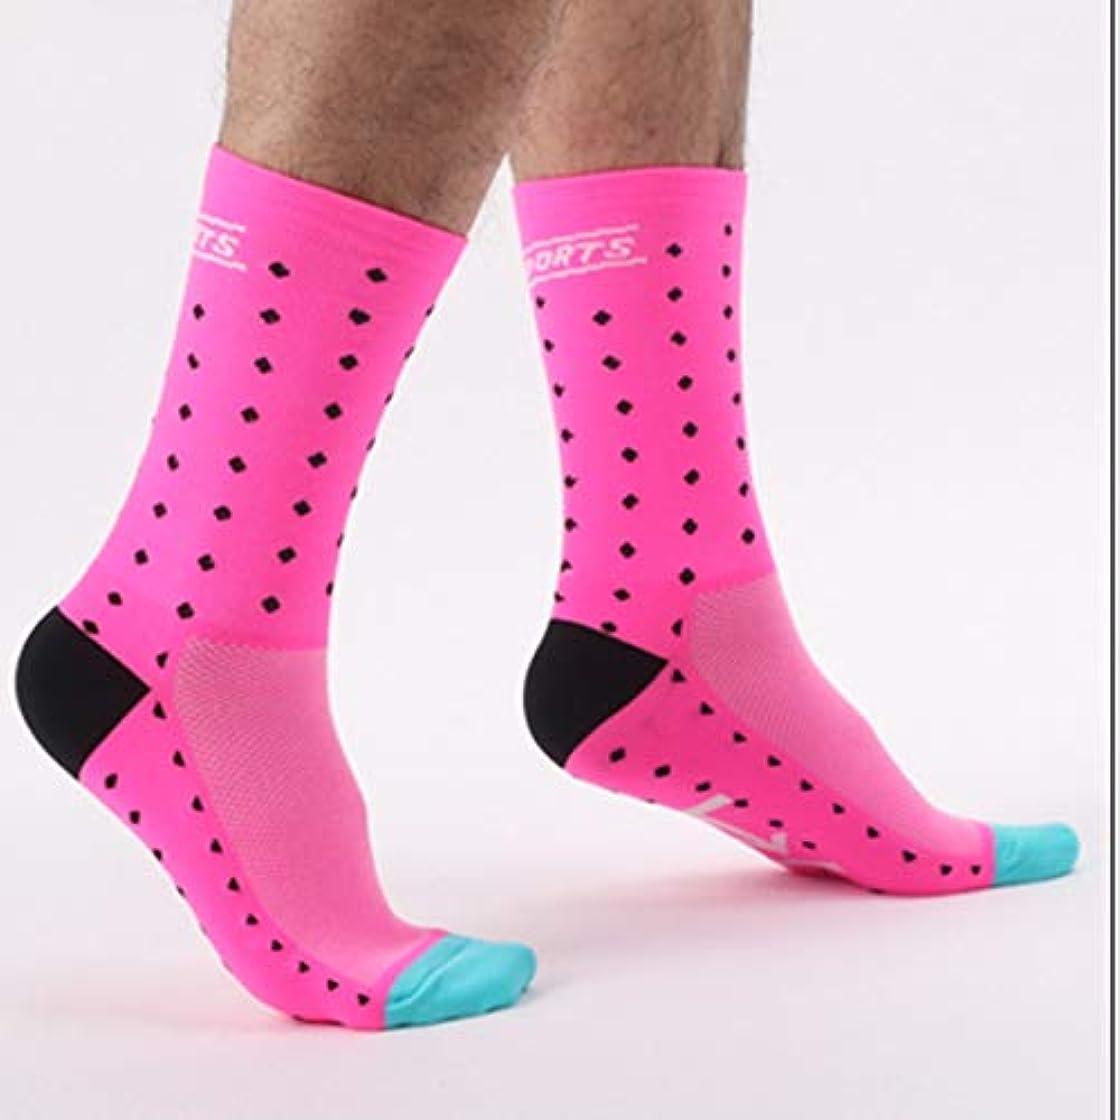 恐れパパ売上高DH04快適なファッショナブルな屋外サイクリングソックス男性女性プロの通気性スポーツソックスバスケットボールソックス - ピンク